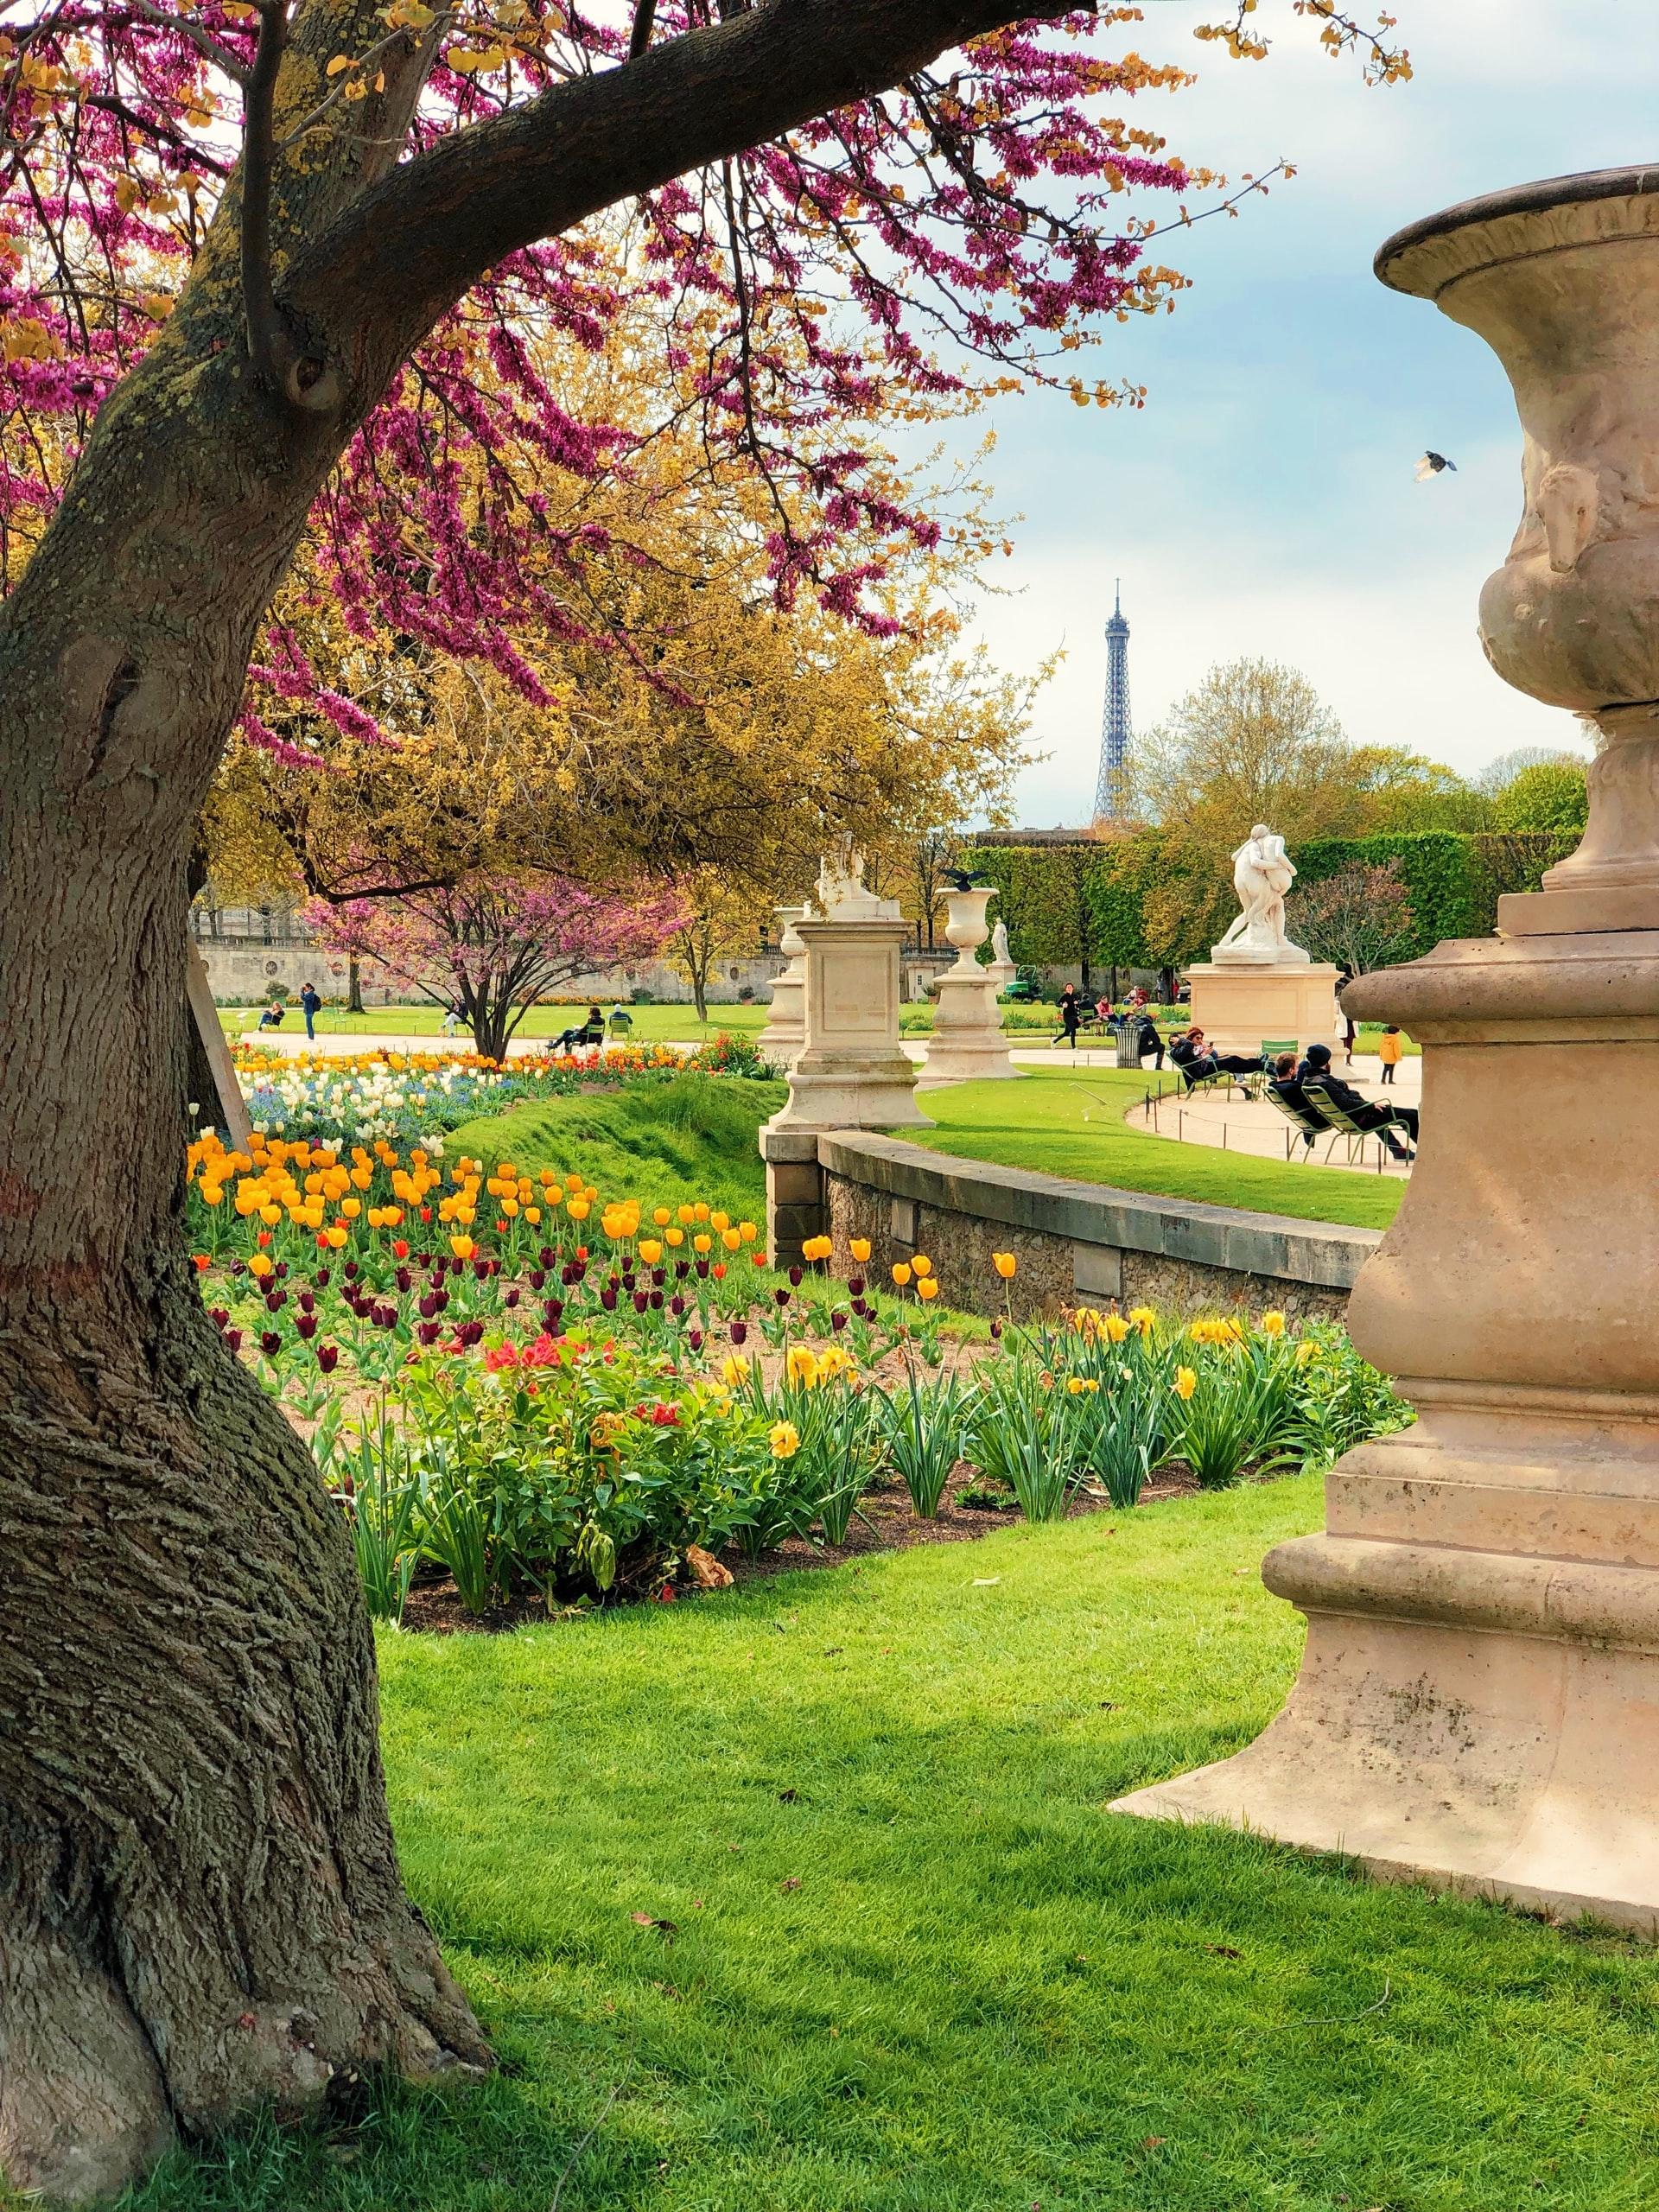 Best-Paris-Parks-Celine-Concierge